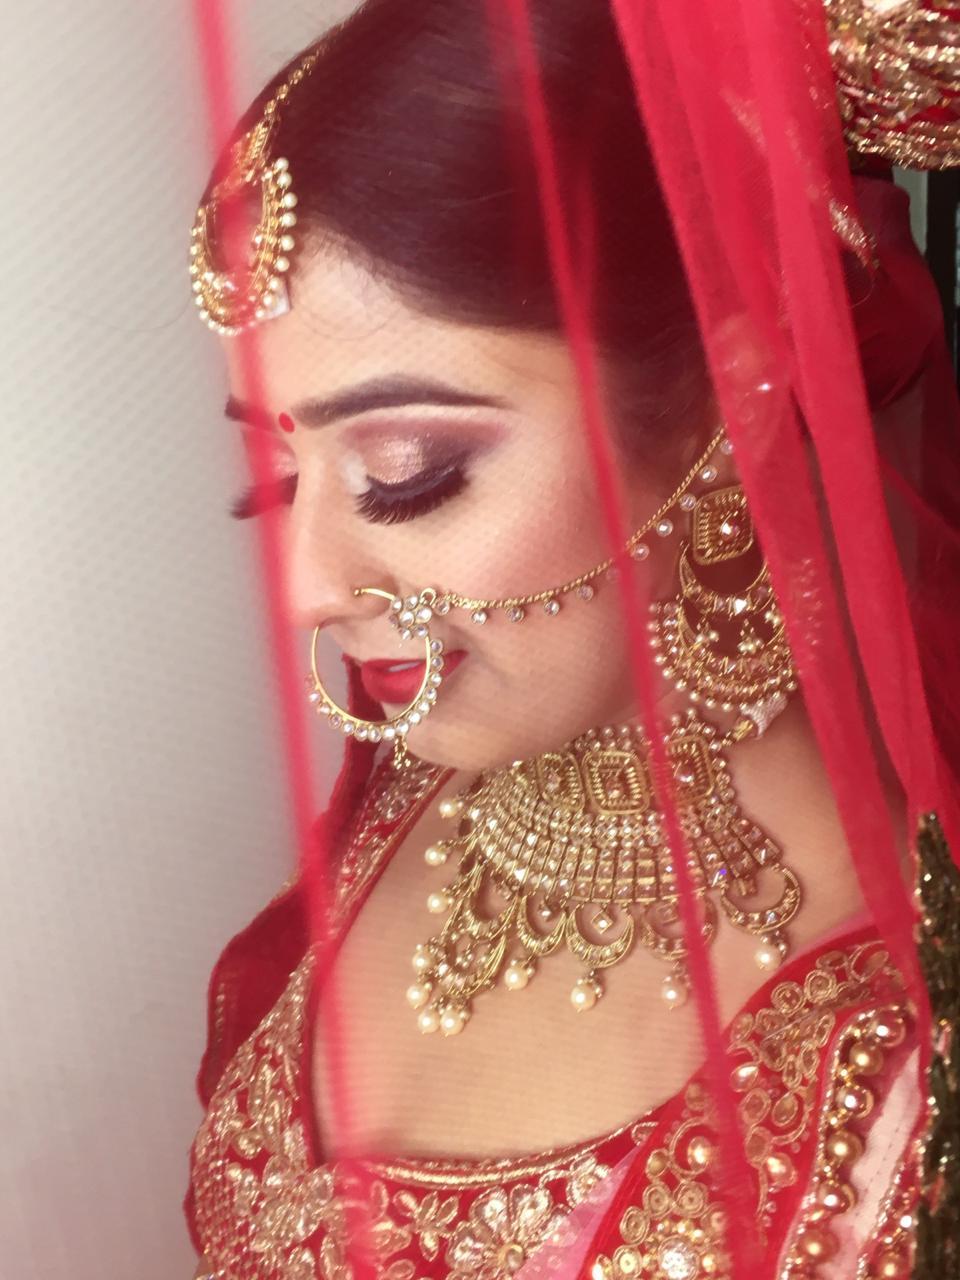 kavlin-ahuja-makeup-artist-chandigarh